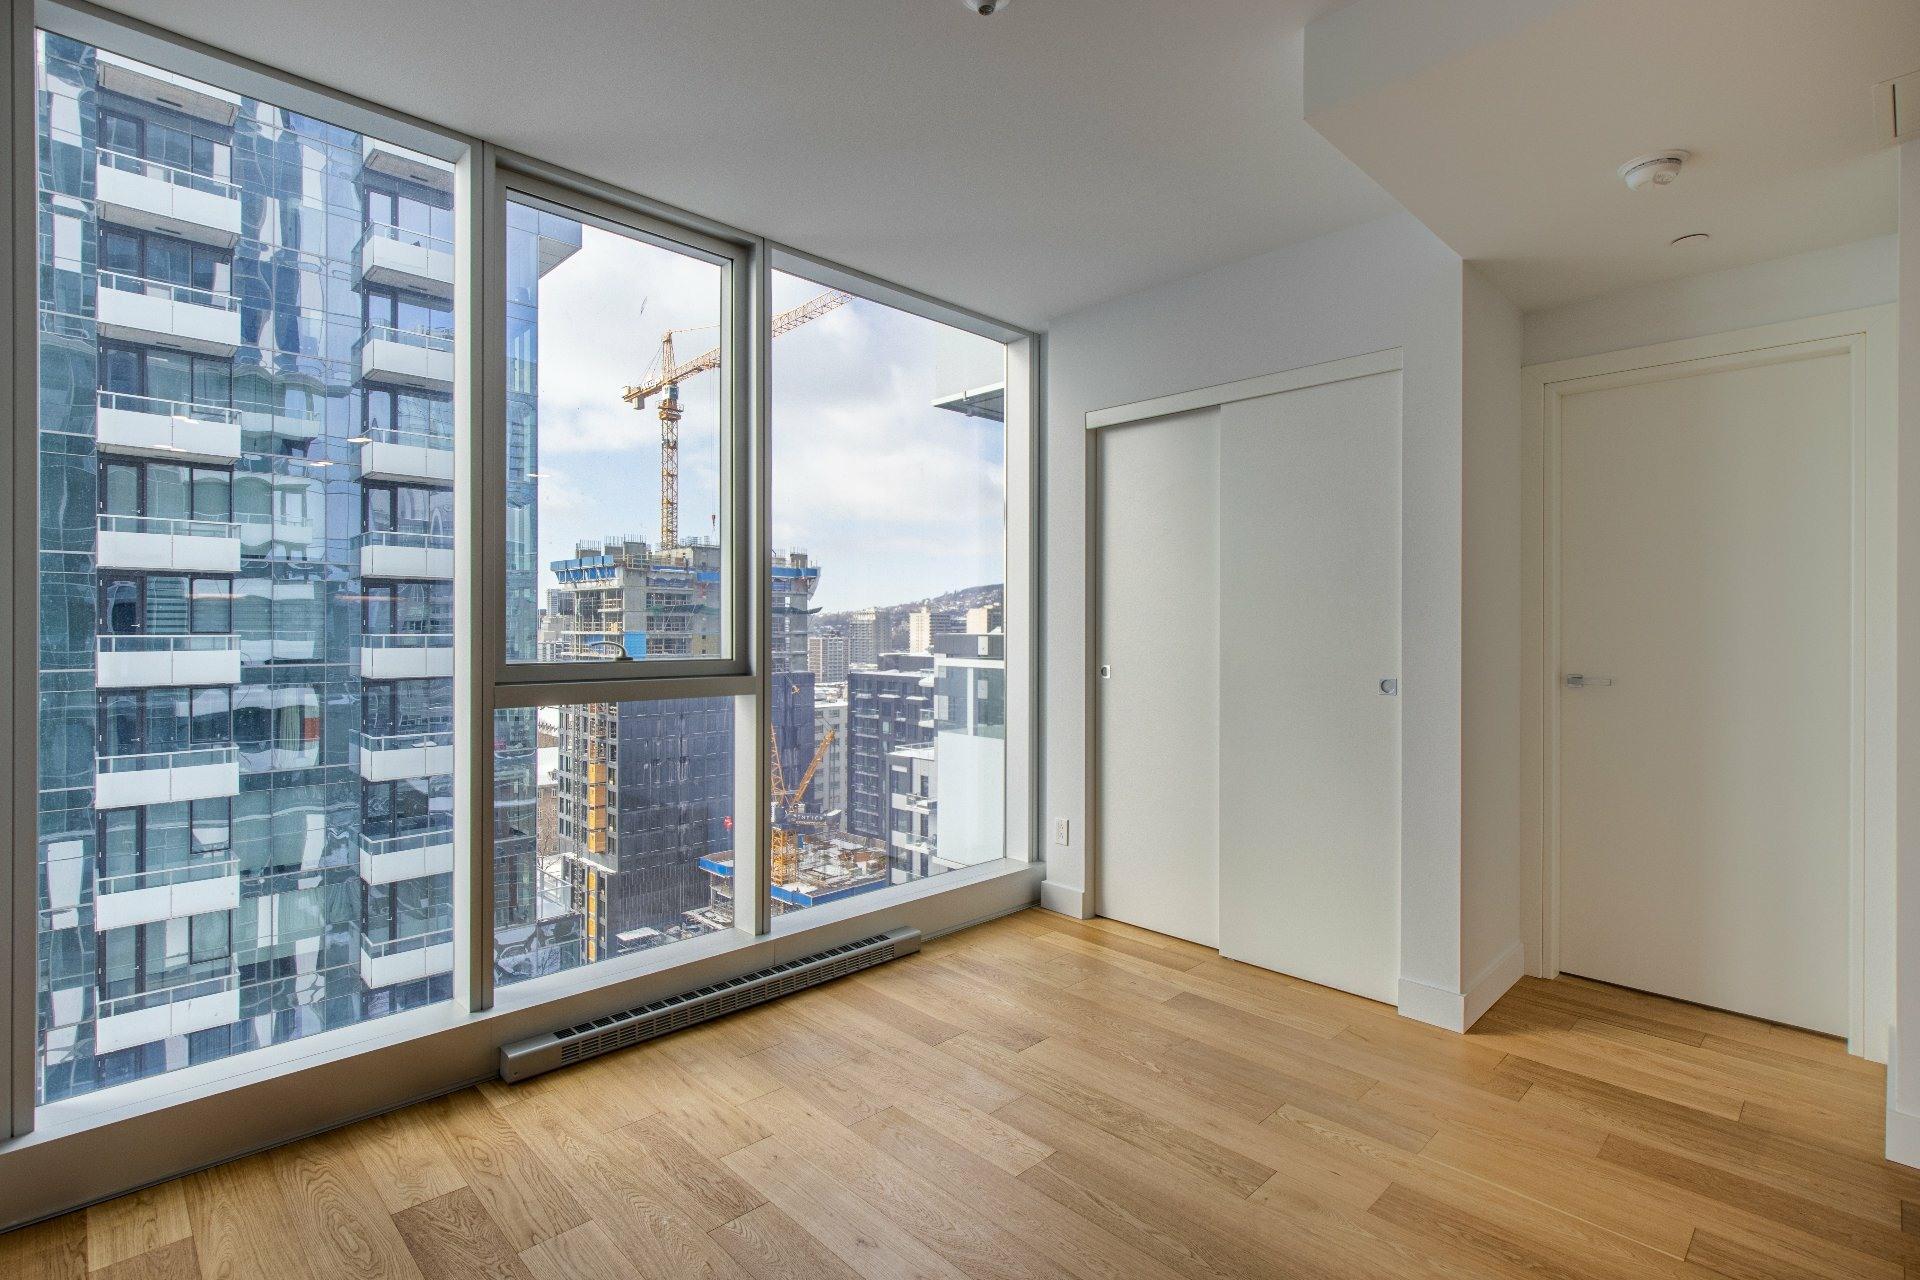 image 5 - Appartement À vendre Ville-Marie Montréal  - 3 pièces